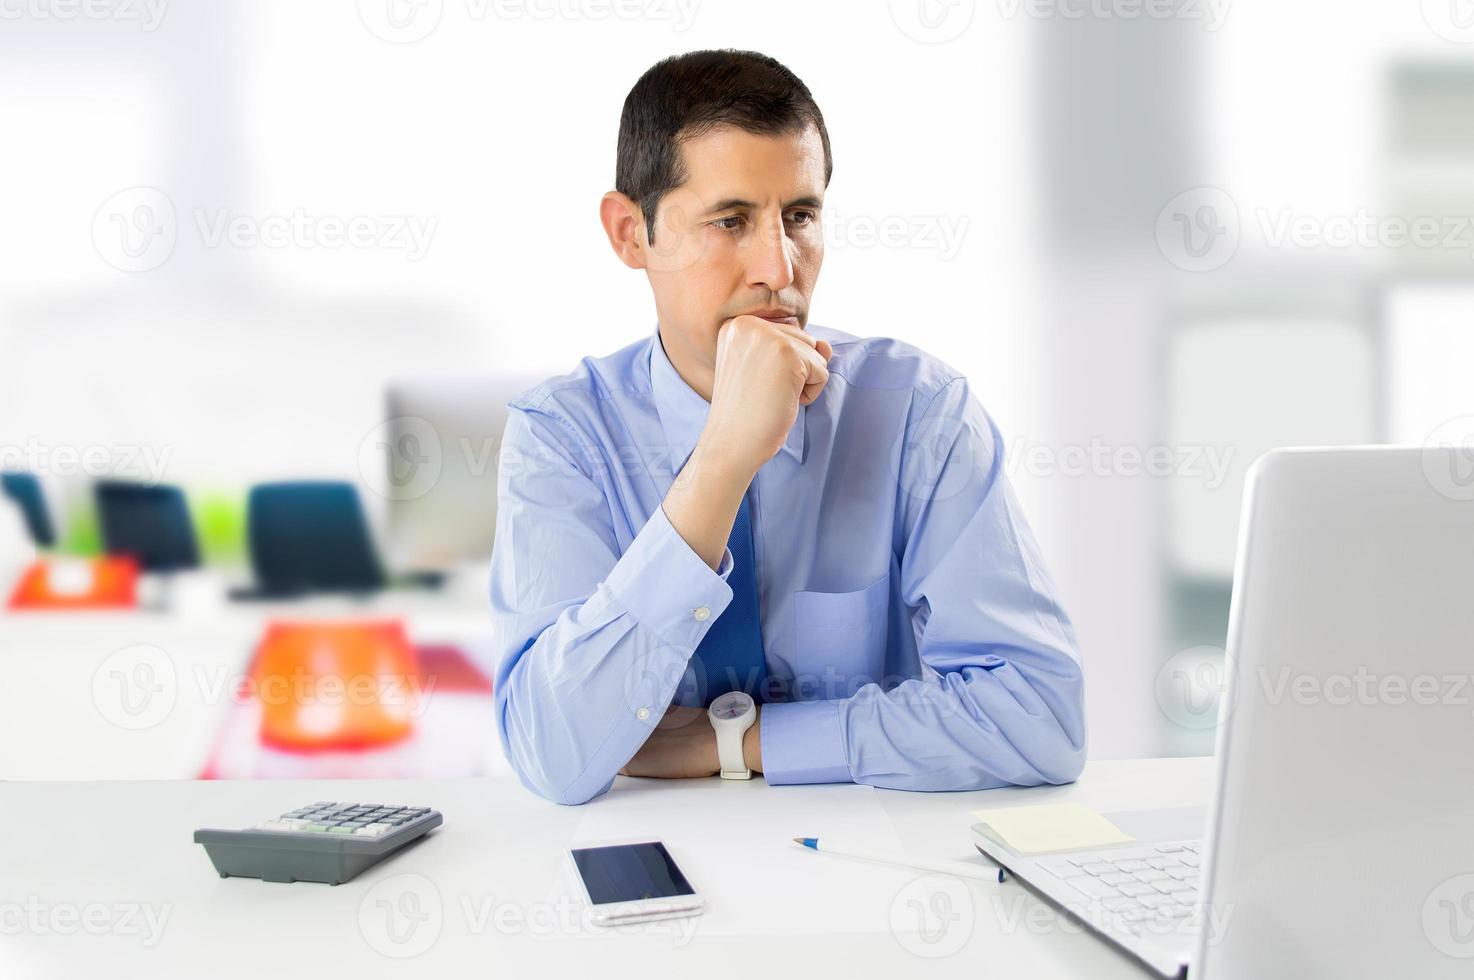 homme d'affaires songeur au bureau photo